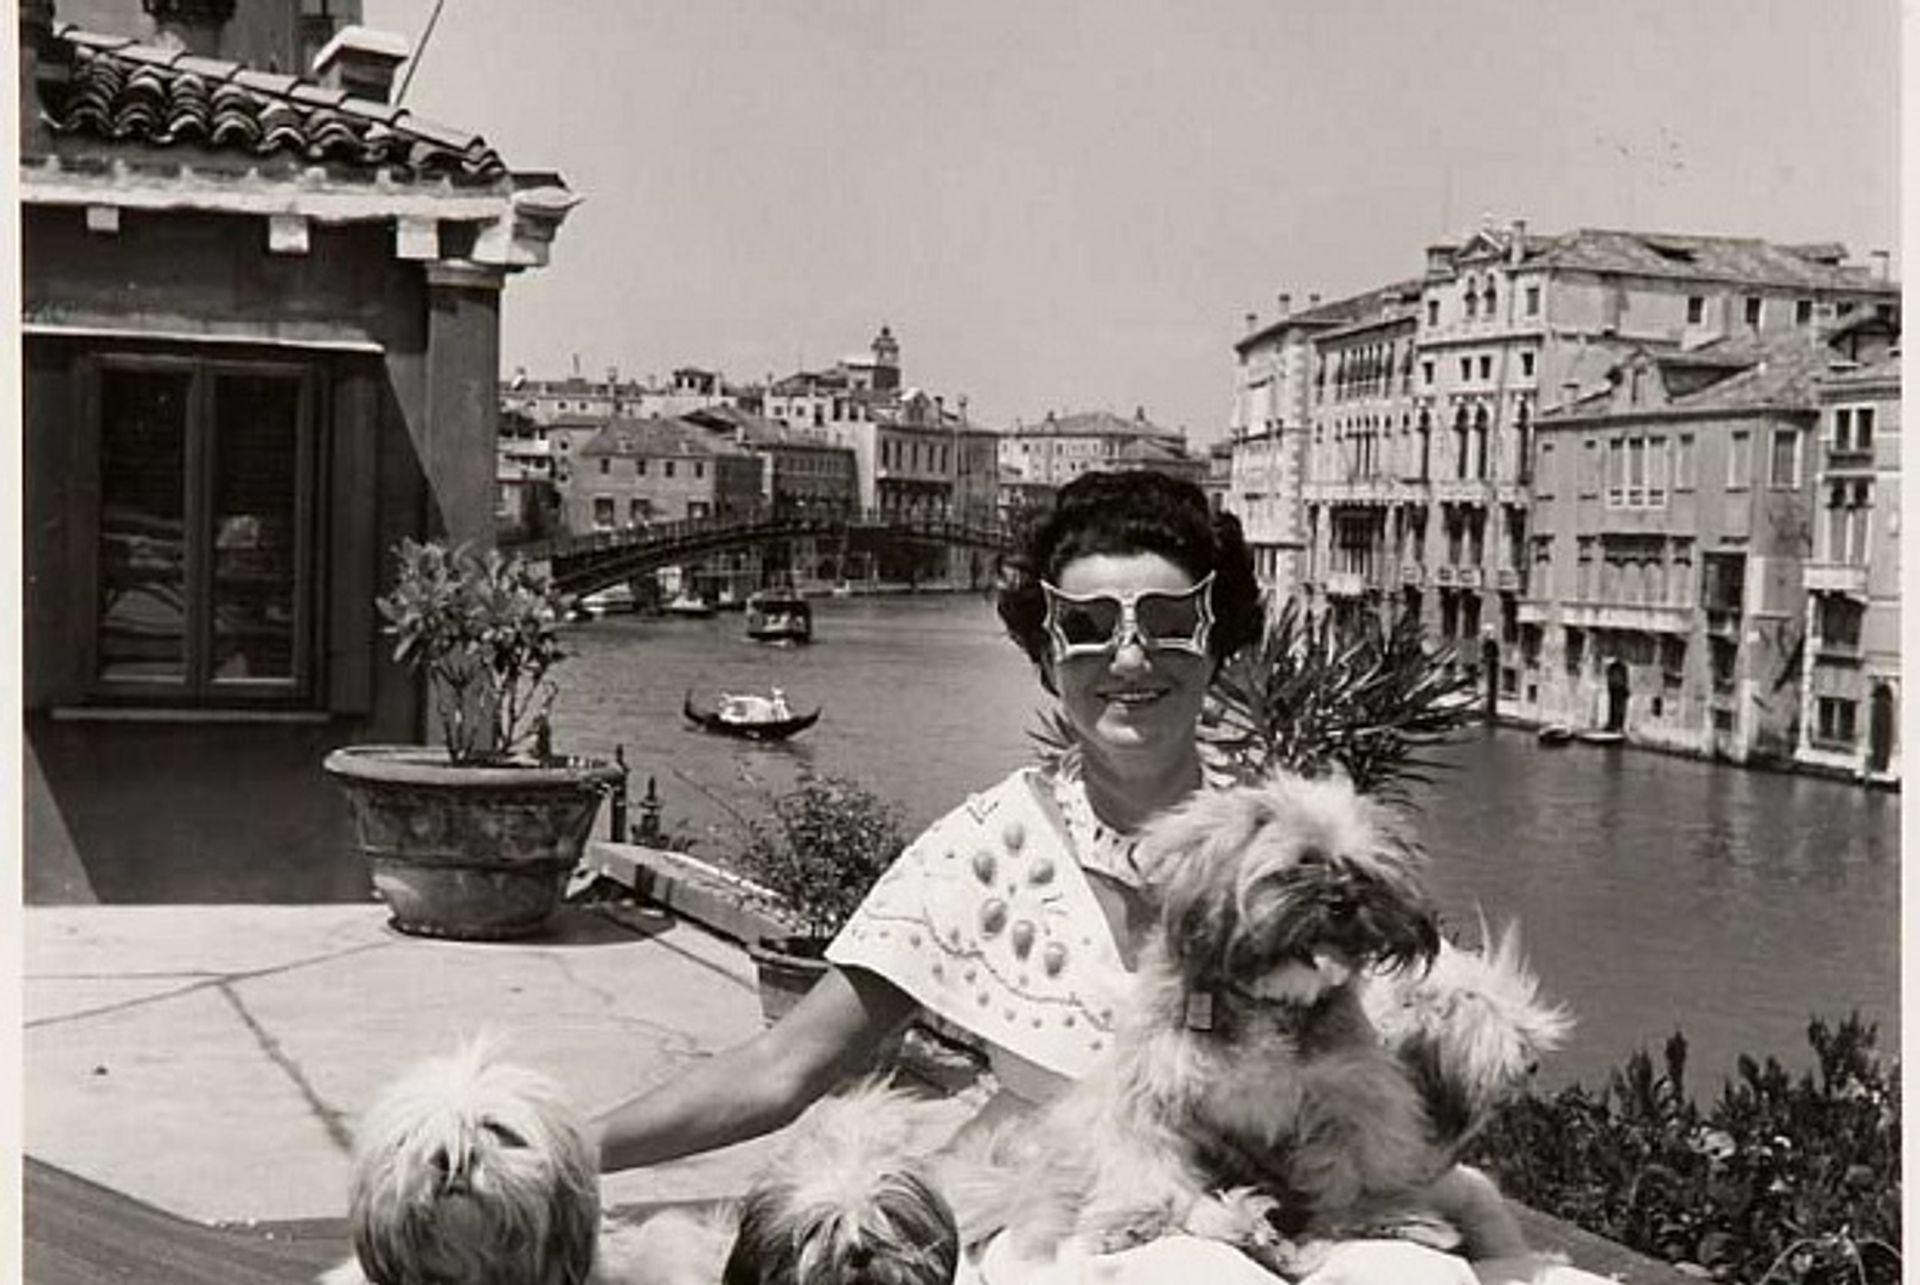 Peggy Guggenheim at her home in the Palazzo Venier dei Leoni, Venice, Italy, 1950 David Seymour